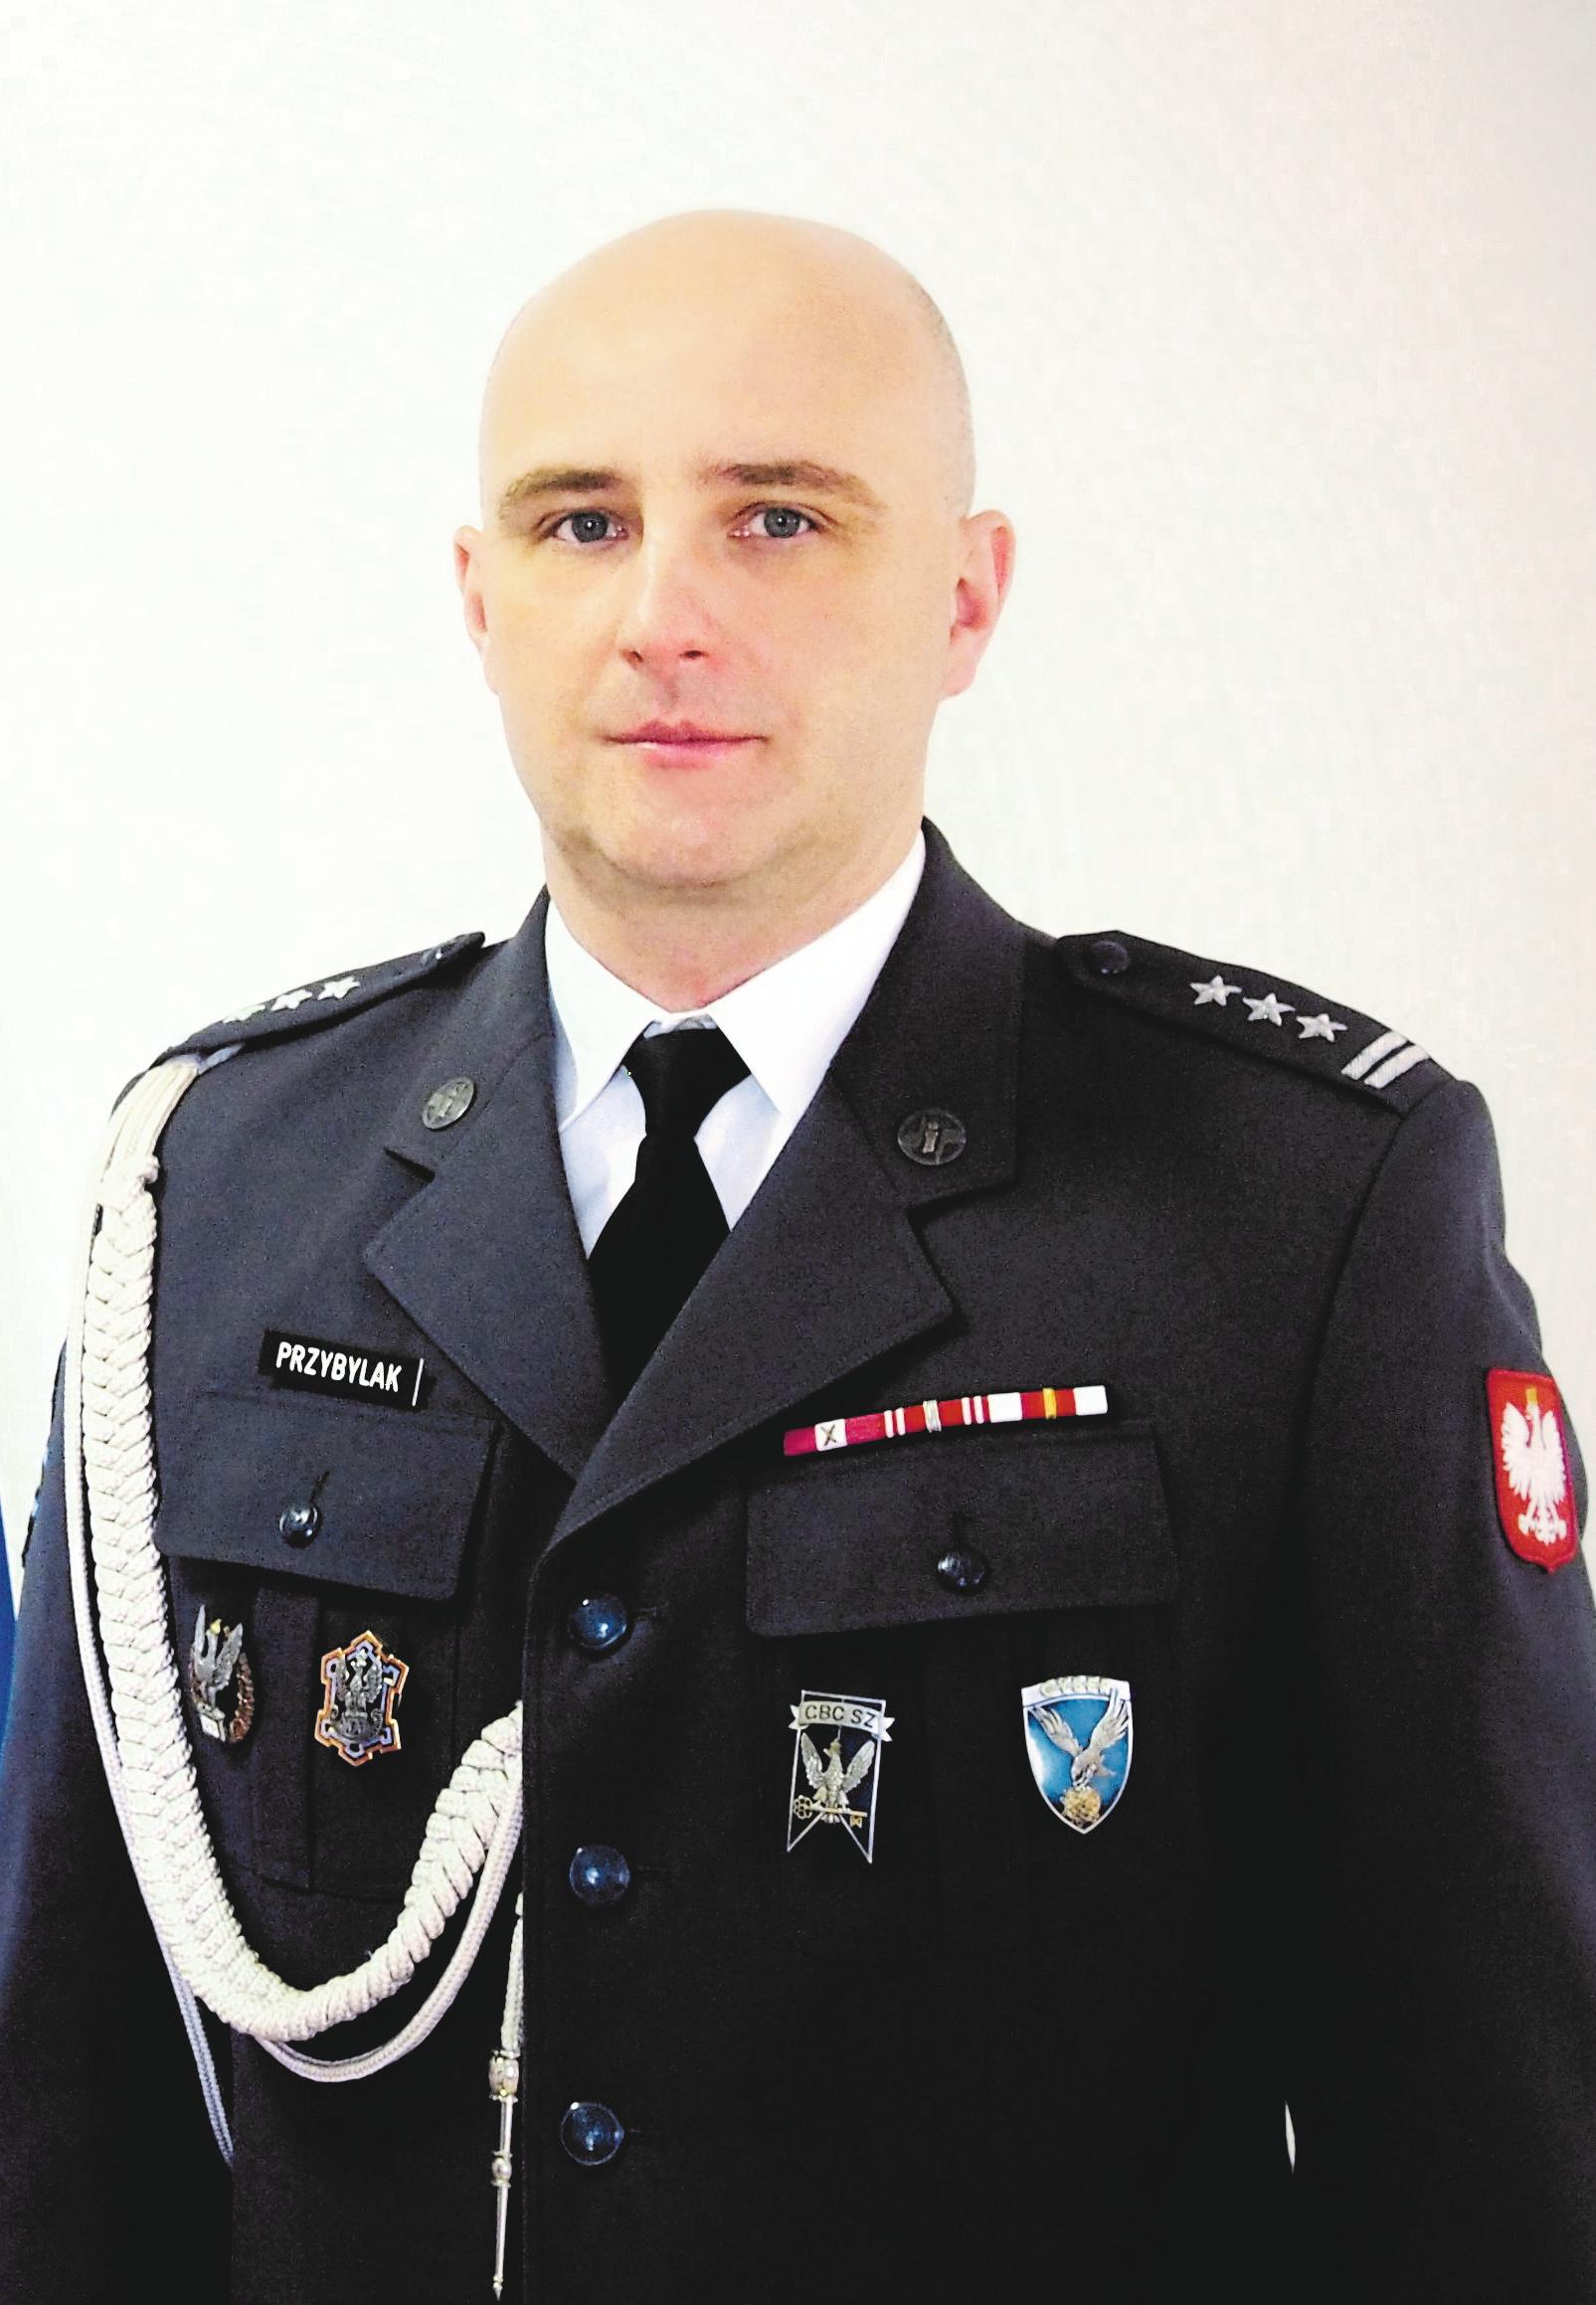 Przemysław Przybylak